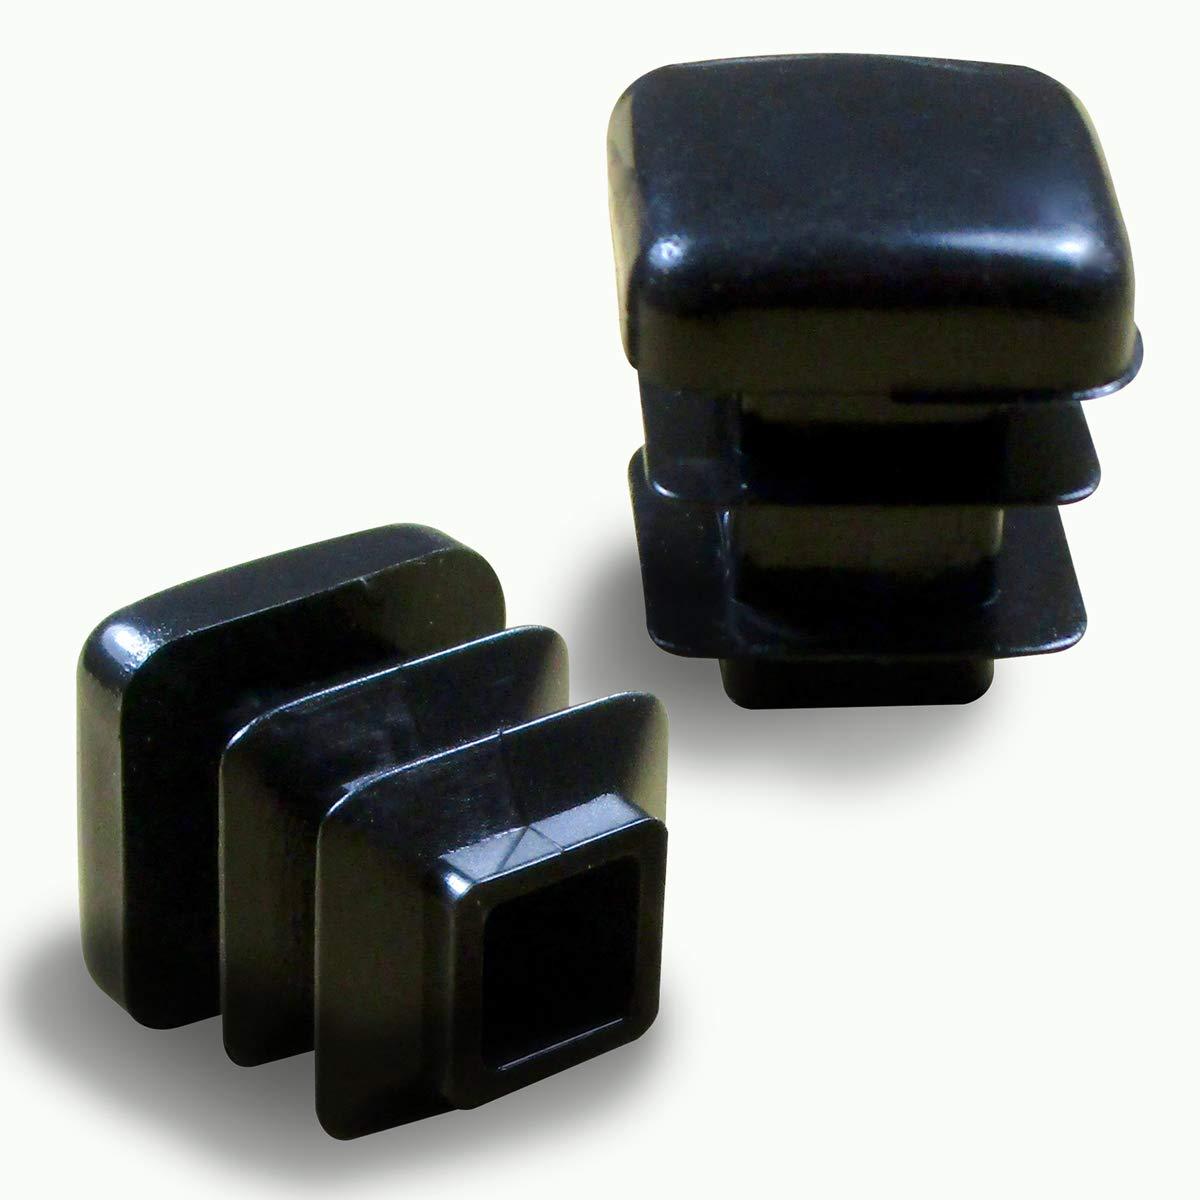 Pack de 40 negro BQLZR Falta redondo muebles silla mesa piernas pies de goma protectores de suelo Cap